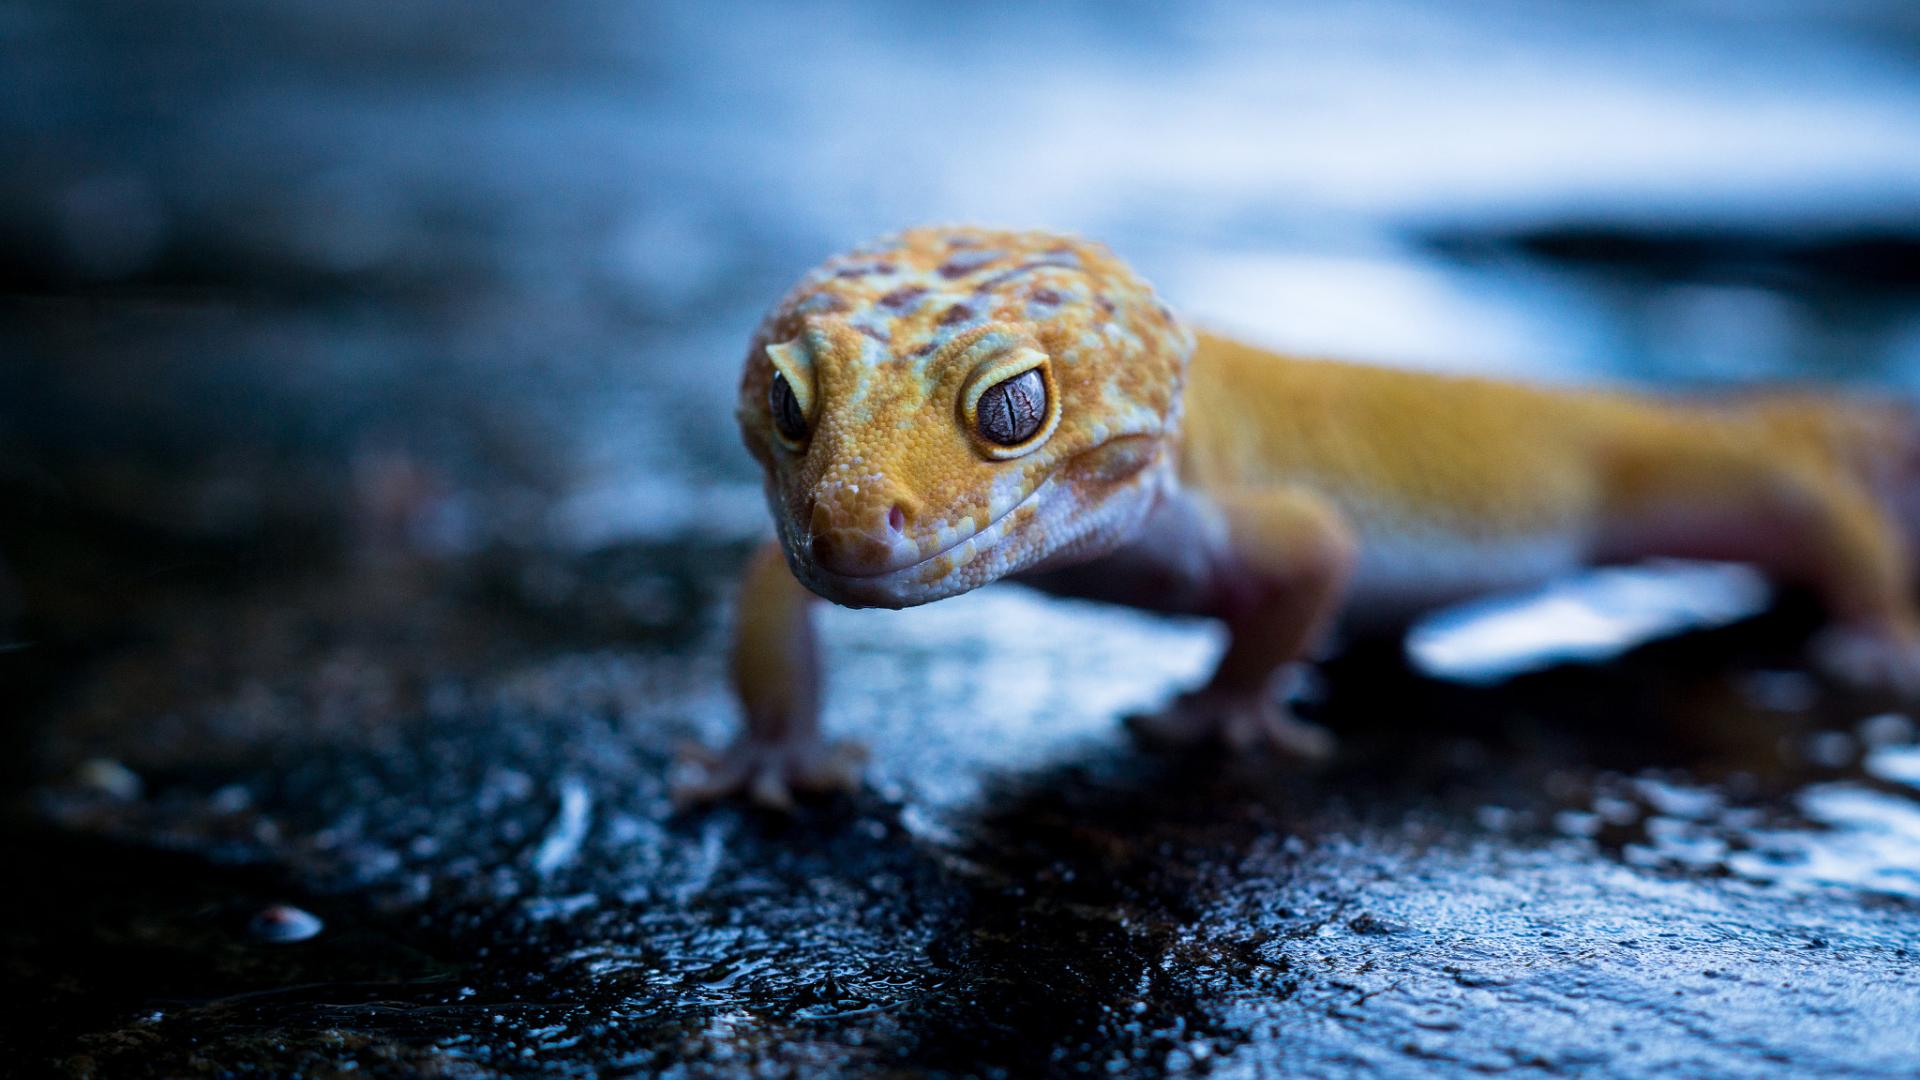 Gecko Portrait Full Hd 2k Wallpaper